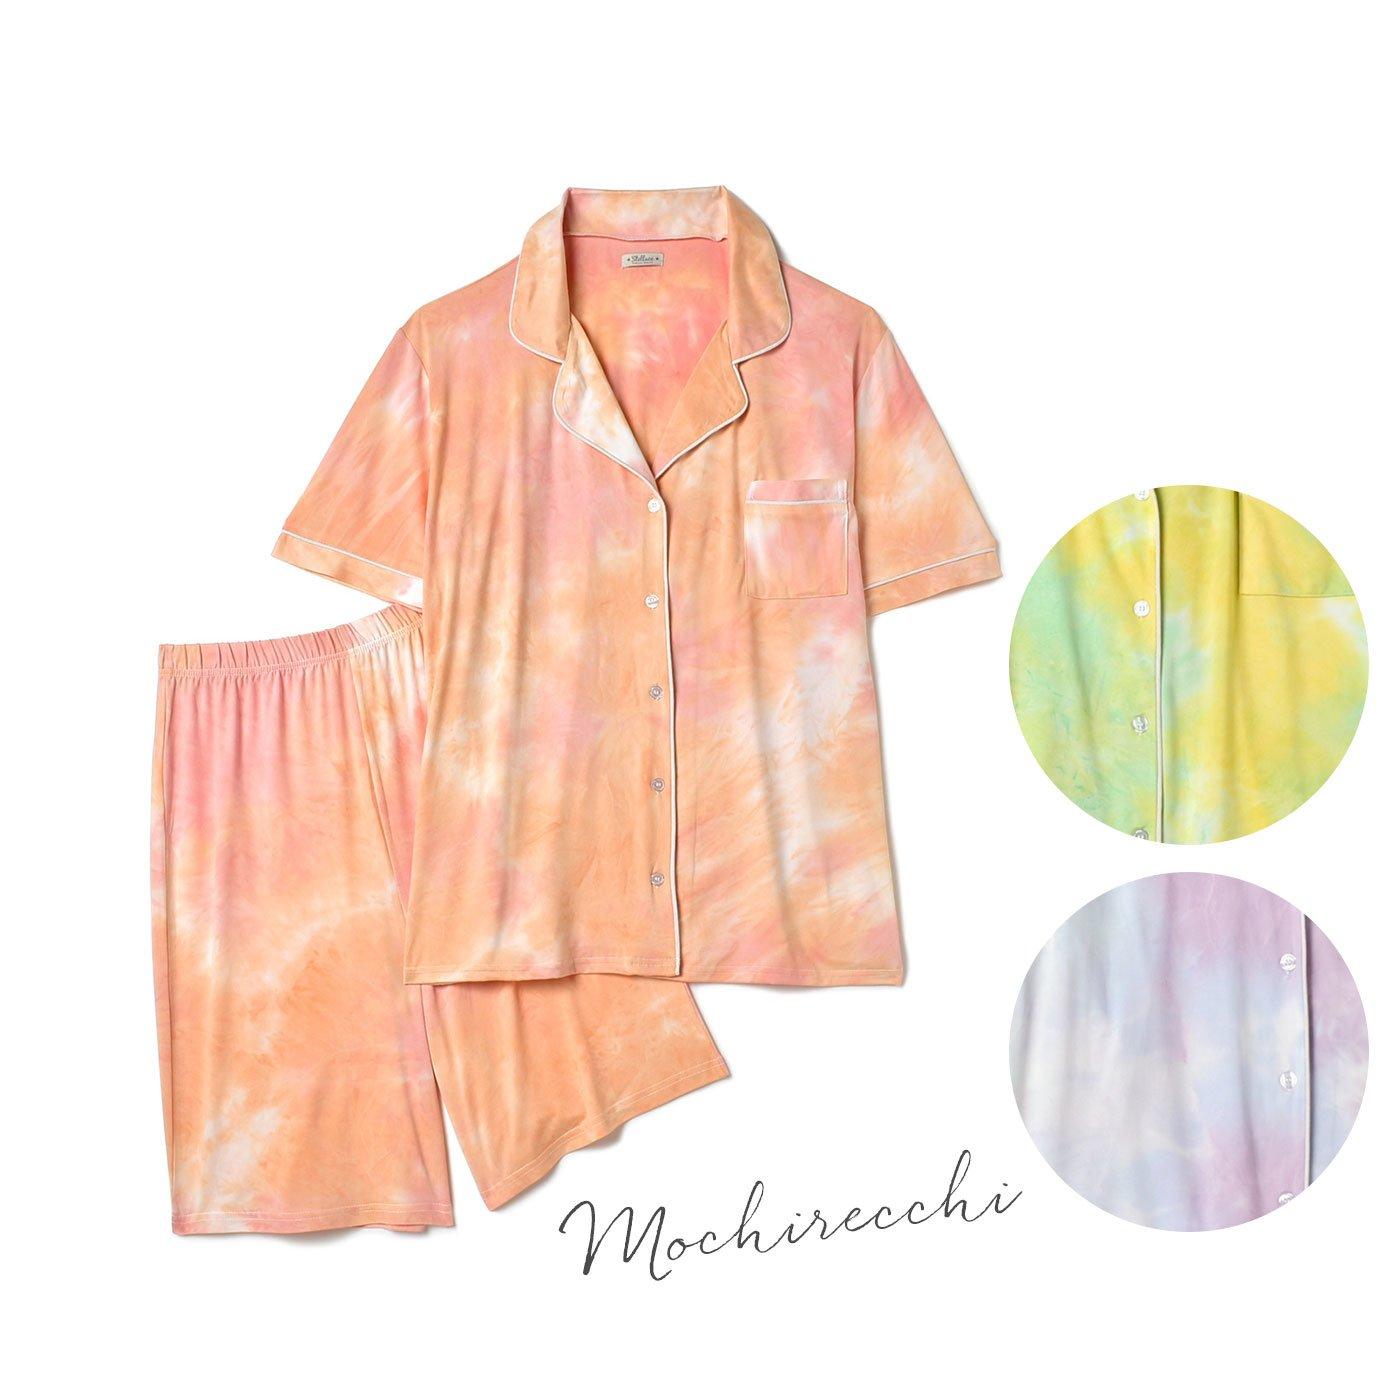 モチレッチ タイダイ柄をさらっと着こなす 開襟パジャマ